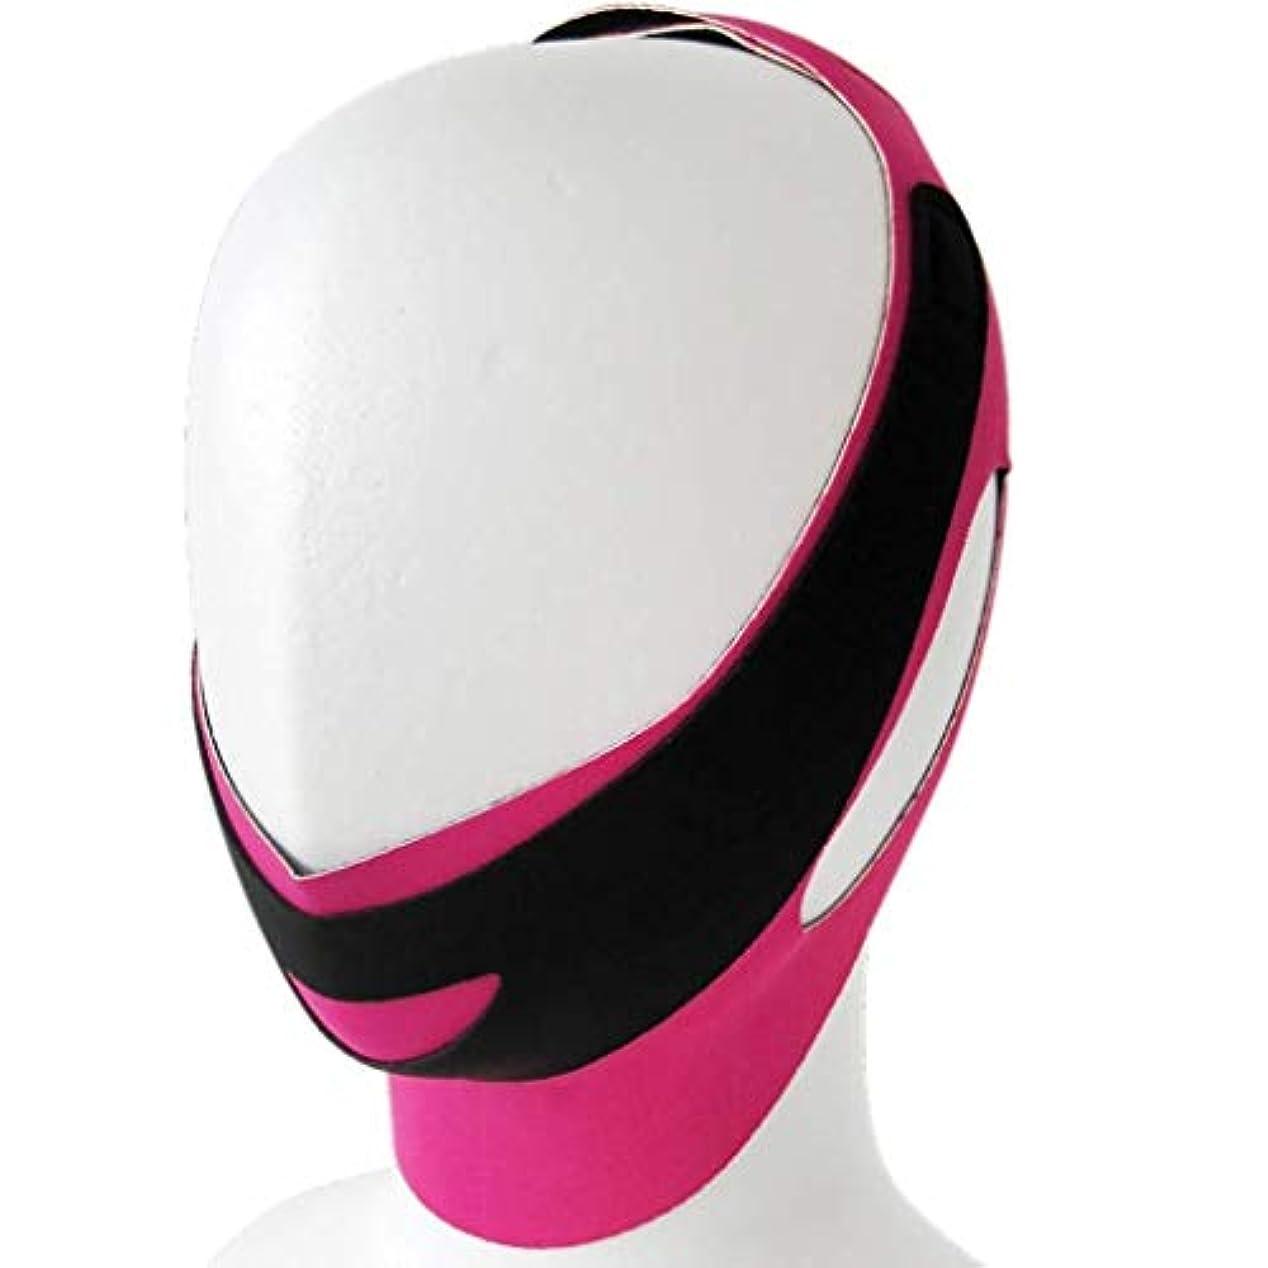 スポット安価なアスリートフェイスアンドネックリフト術後弾性フェイスマスク小さなV顔アーティファクト薄い顔包帯アーティファクトV顔ぶら下げ耳リフティング引き締め薄い顔アーティファクト